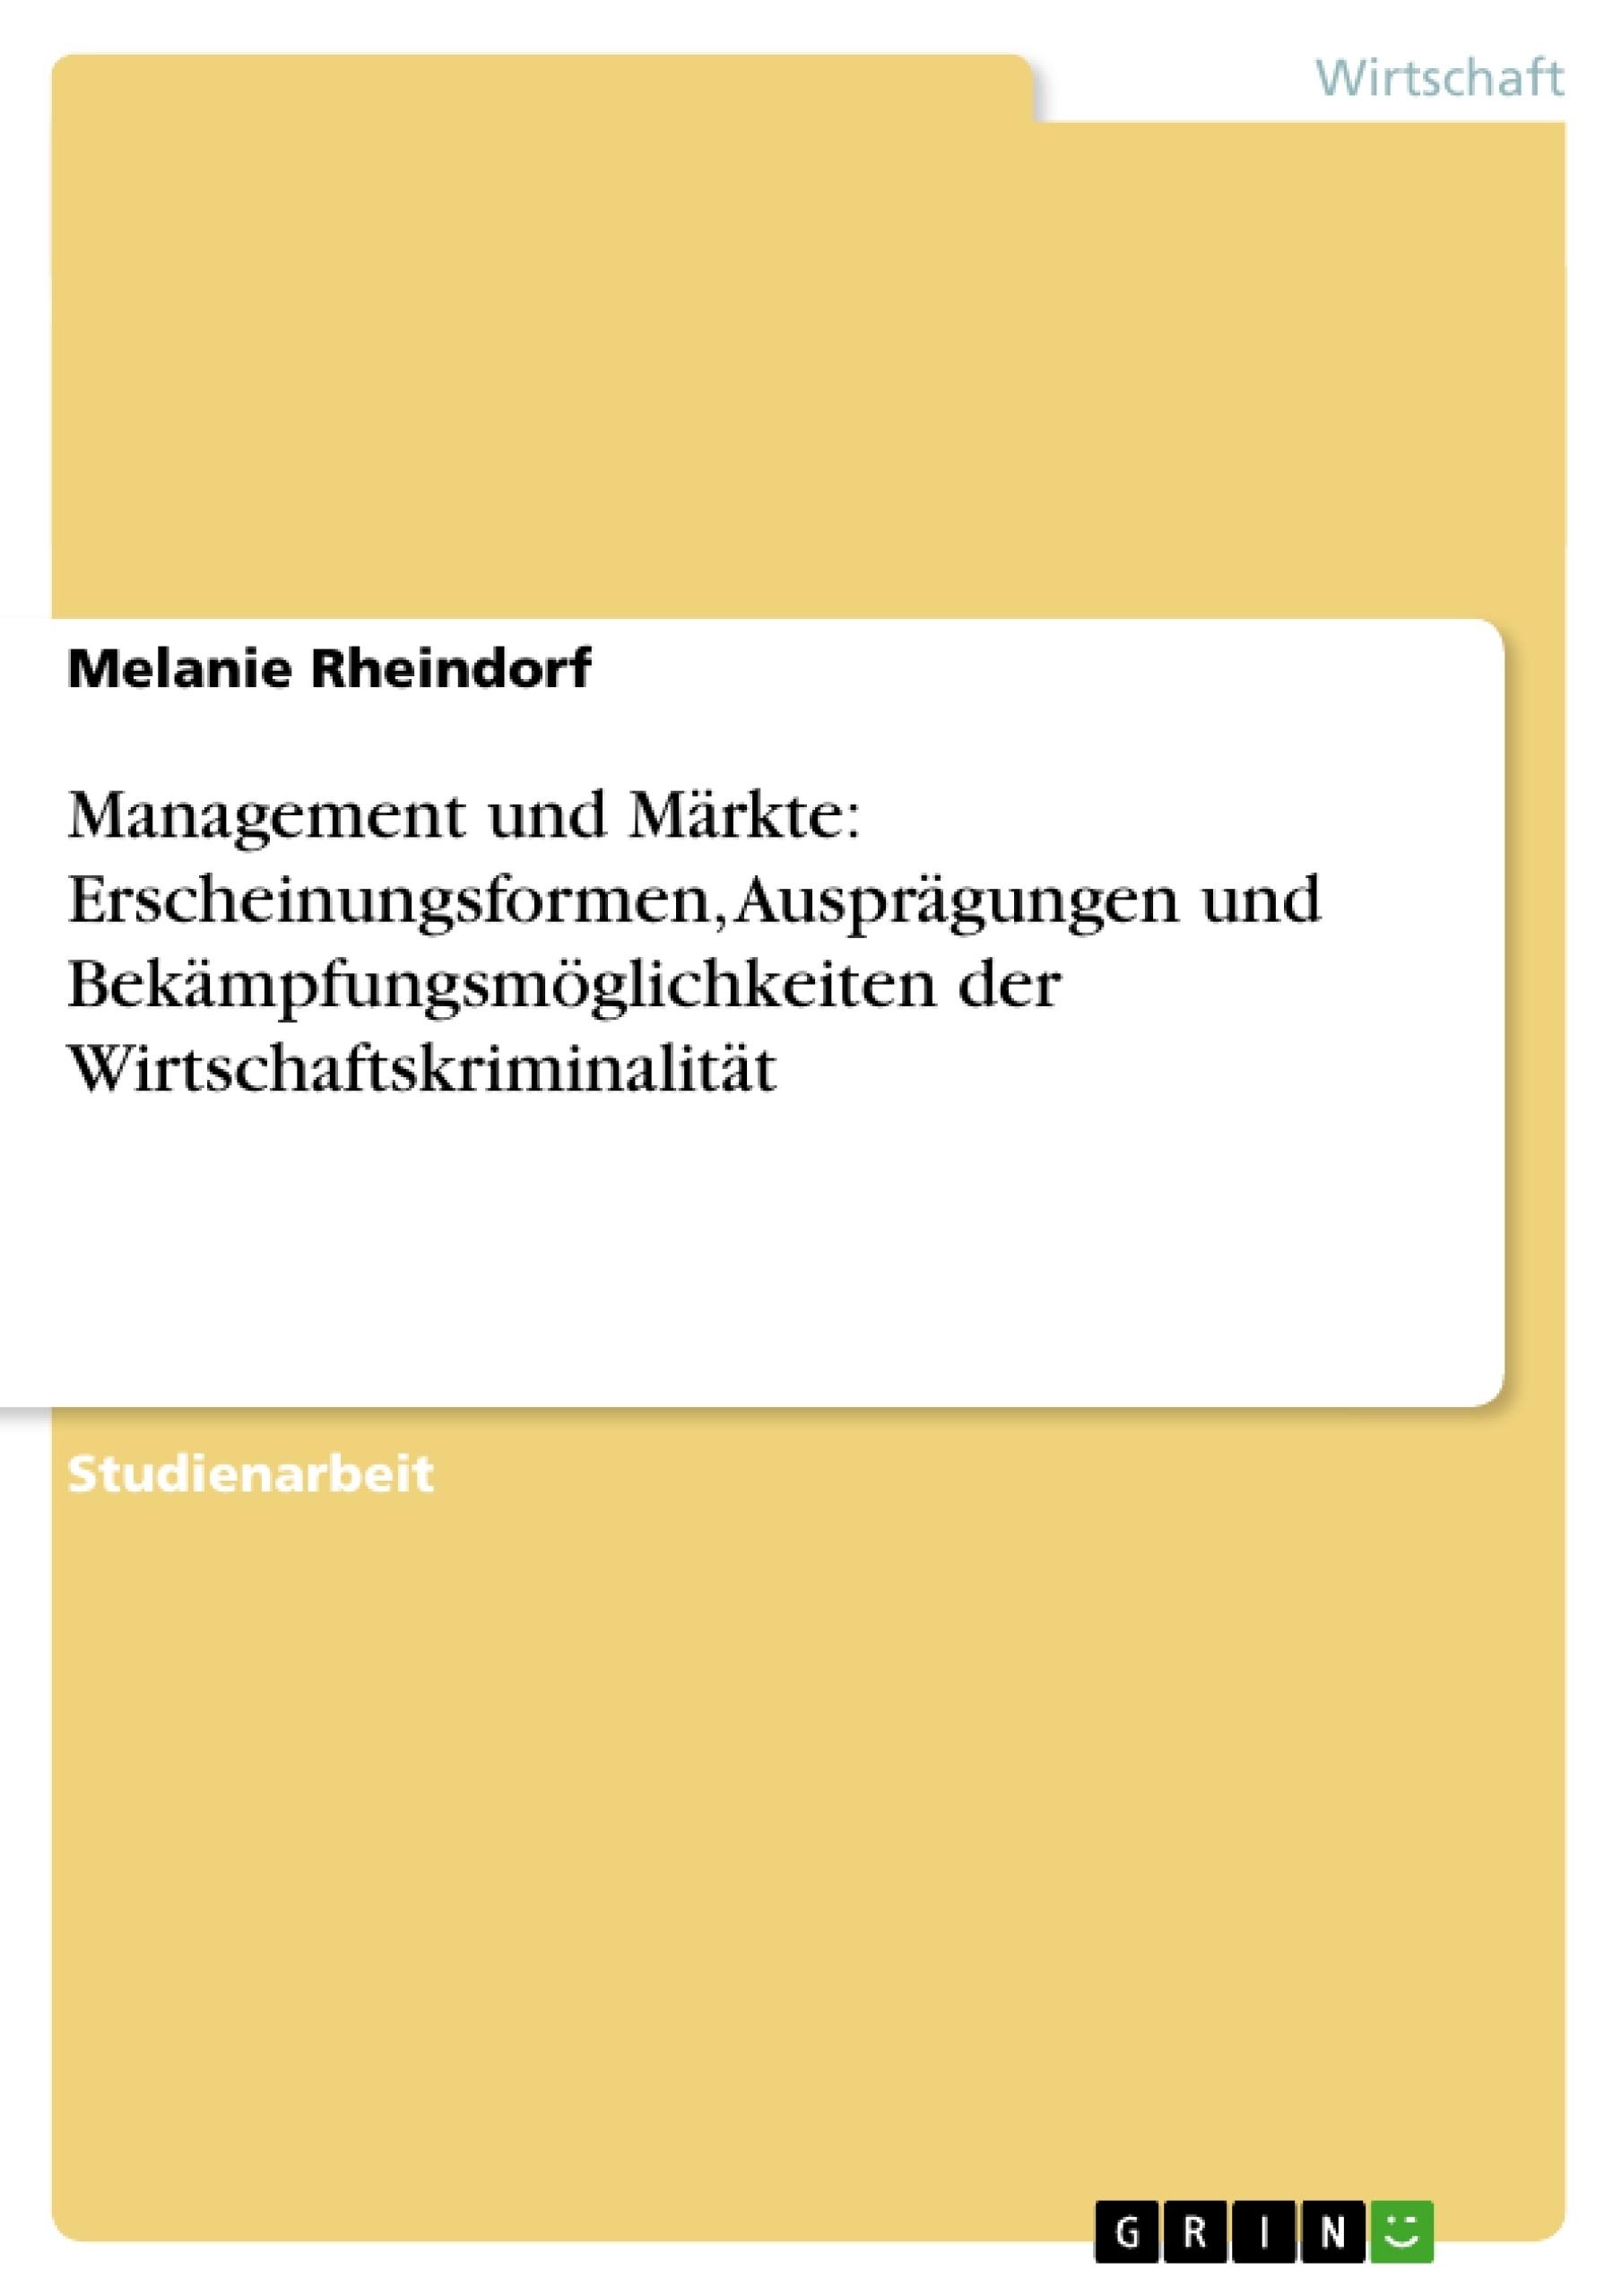 Titel: Management und Märkte: Erscheinungsformen, Ausprägungen und Bekämpfungsmöglichkeiten der Wirtschaftskriminalität